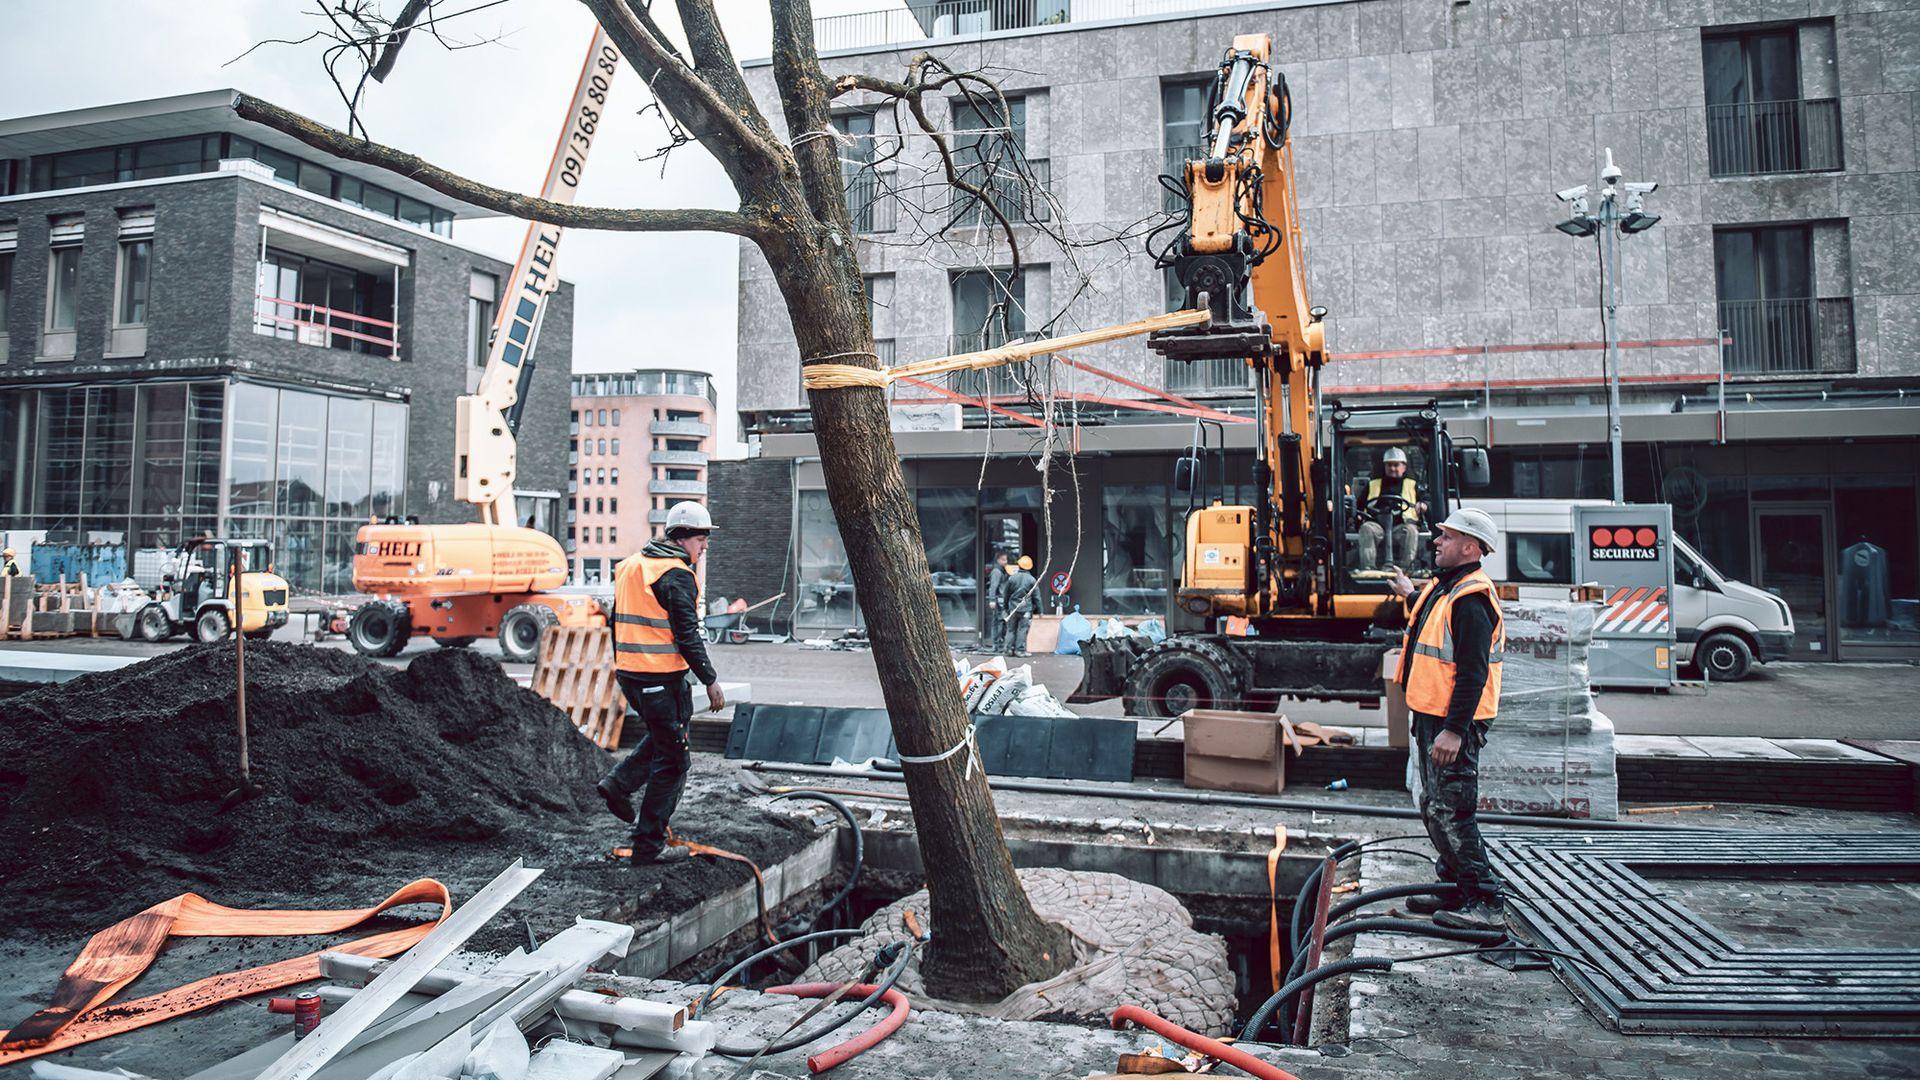 Wavin har laget en løsning som gjør at trærnes røtter får utvikle seg, selv når massene rundt er hardt komprimert.